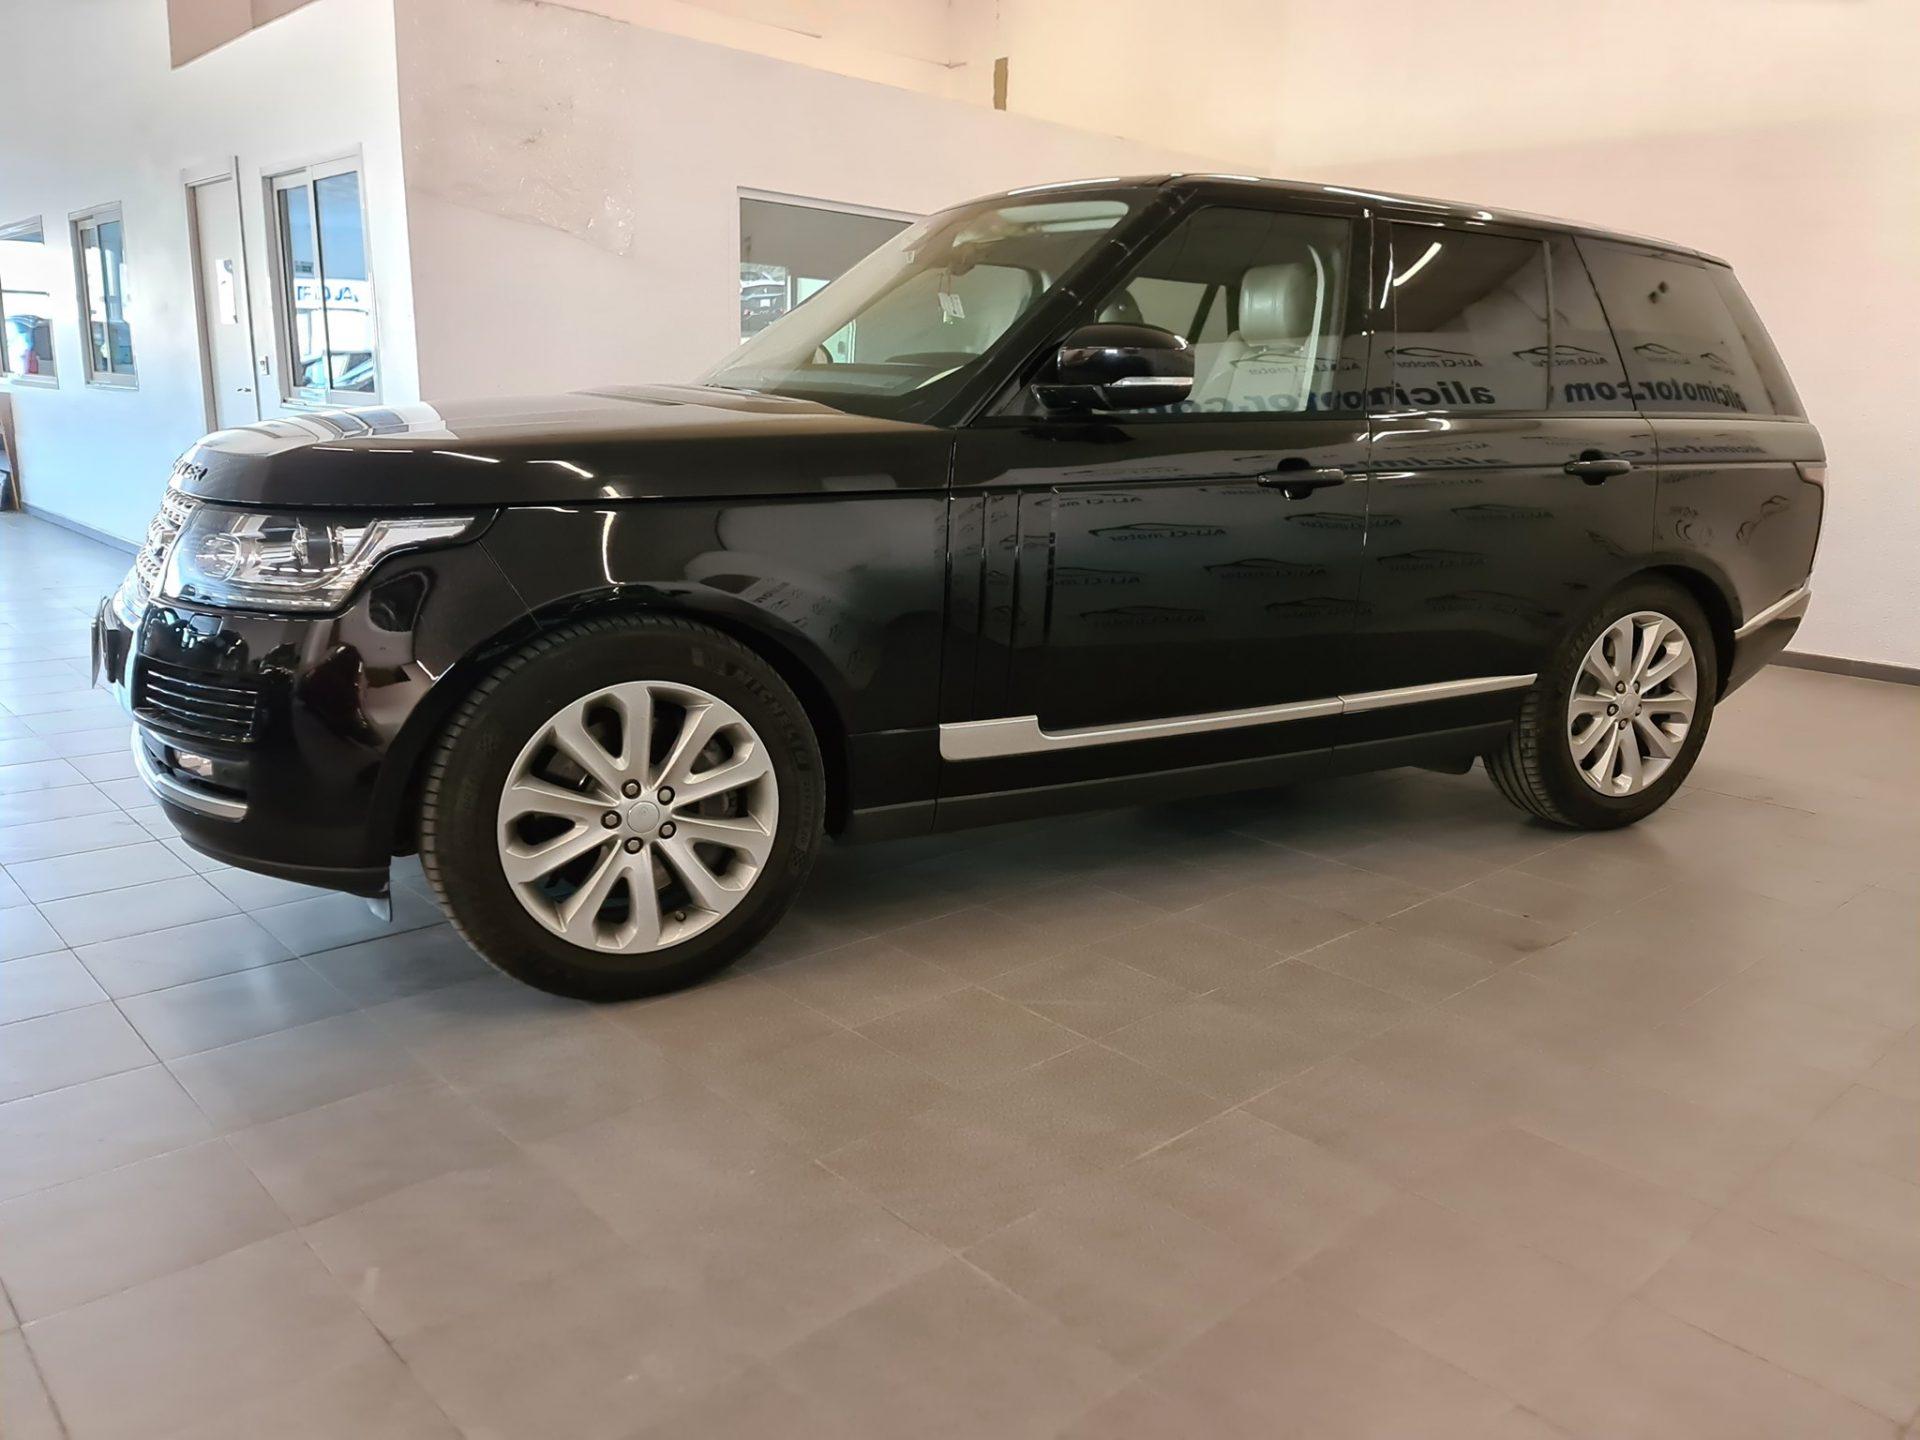 LAND-ROVER Range Rover 4.4 SDV8 249kW 339CV VOGUE 5p.